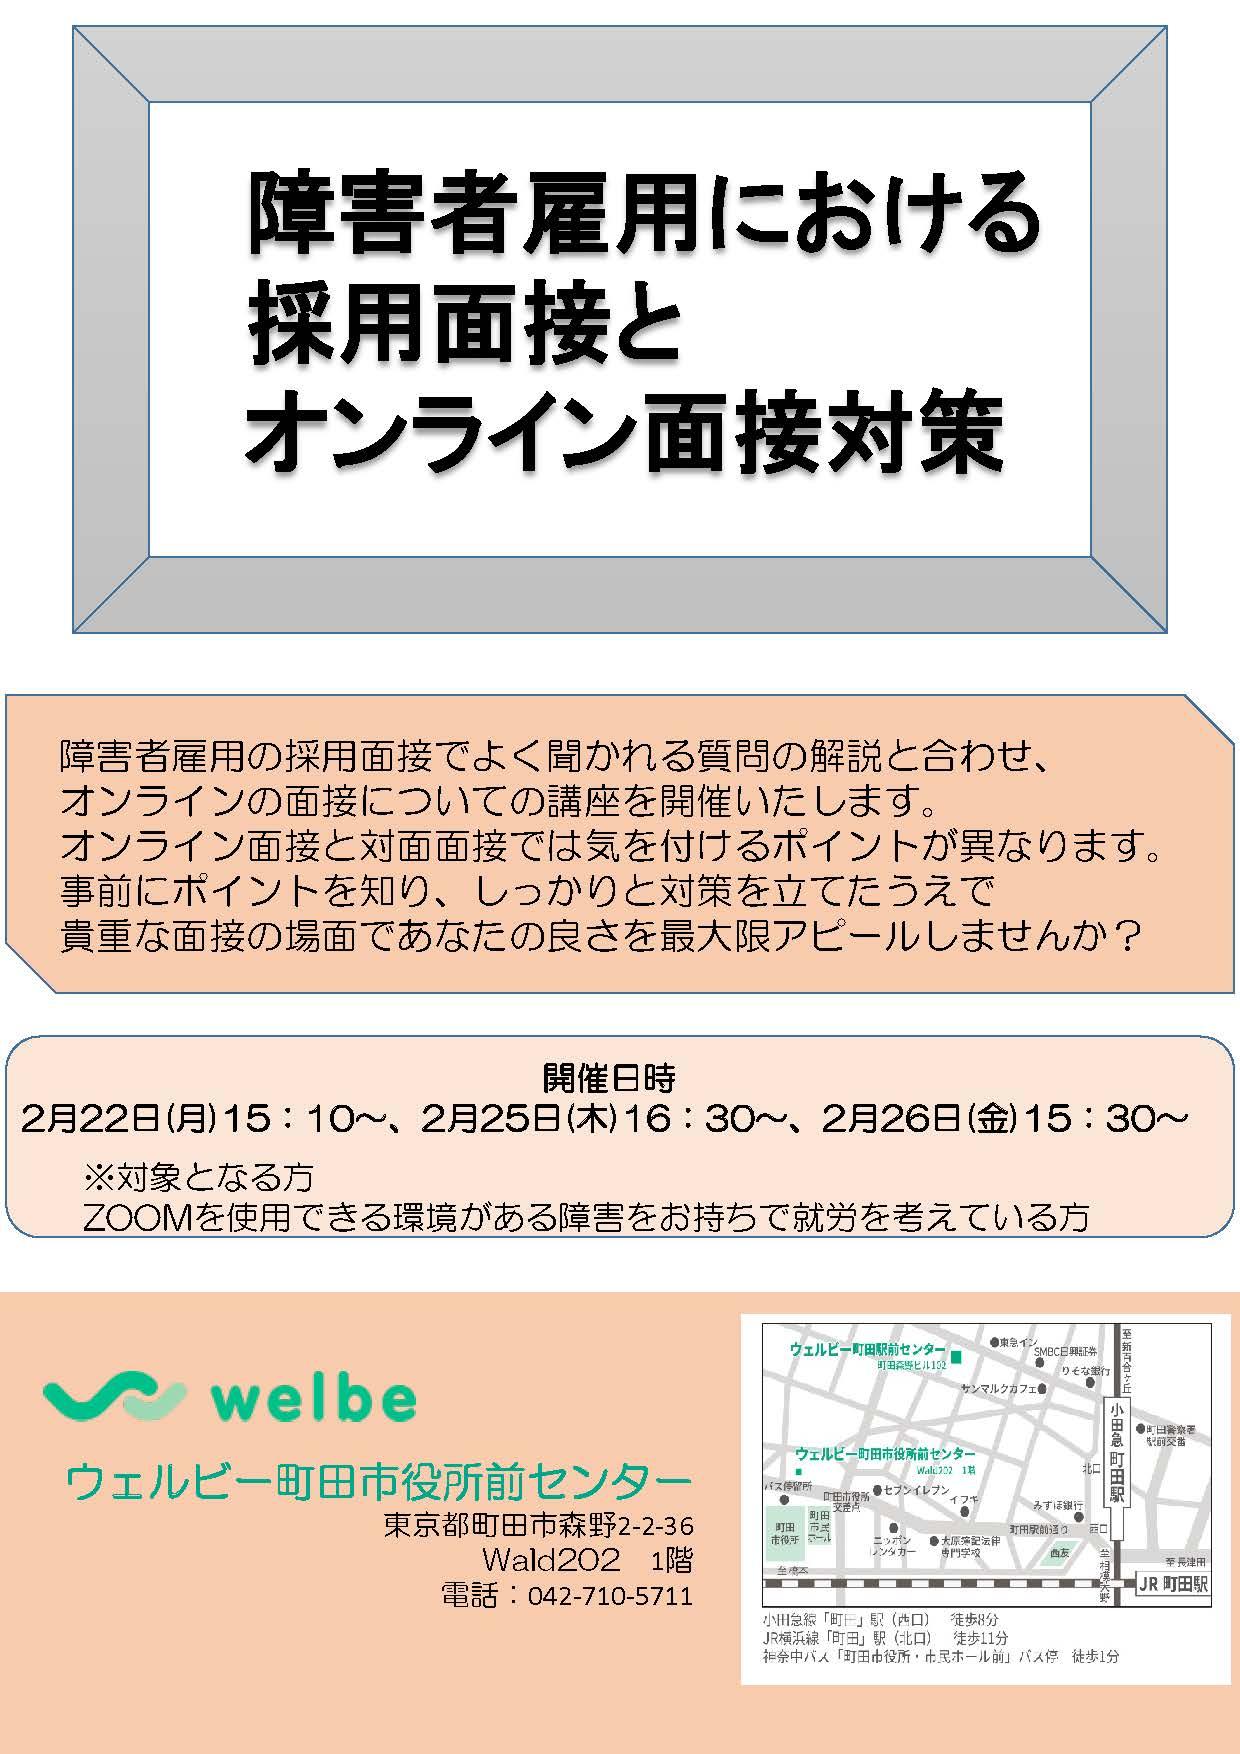 オンライン面接対策チラシ【2021年2月22日~】イラスト修正_ページ_1